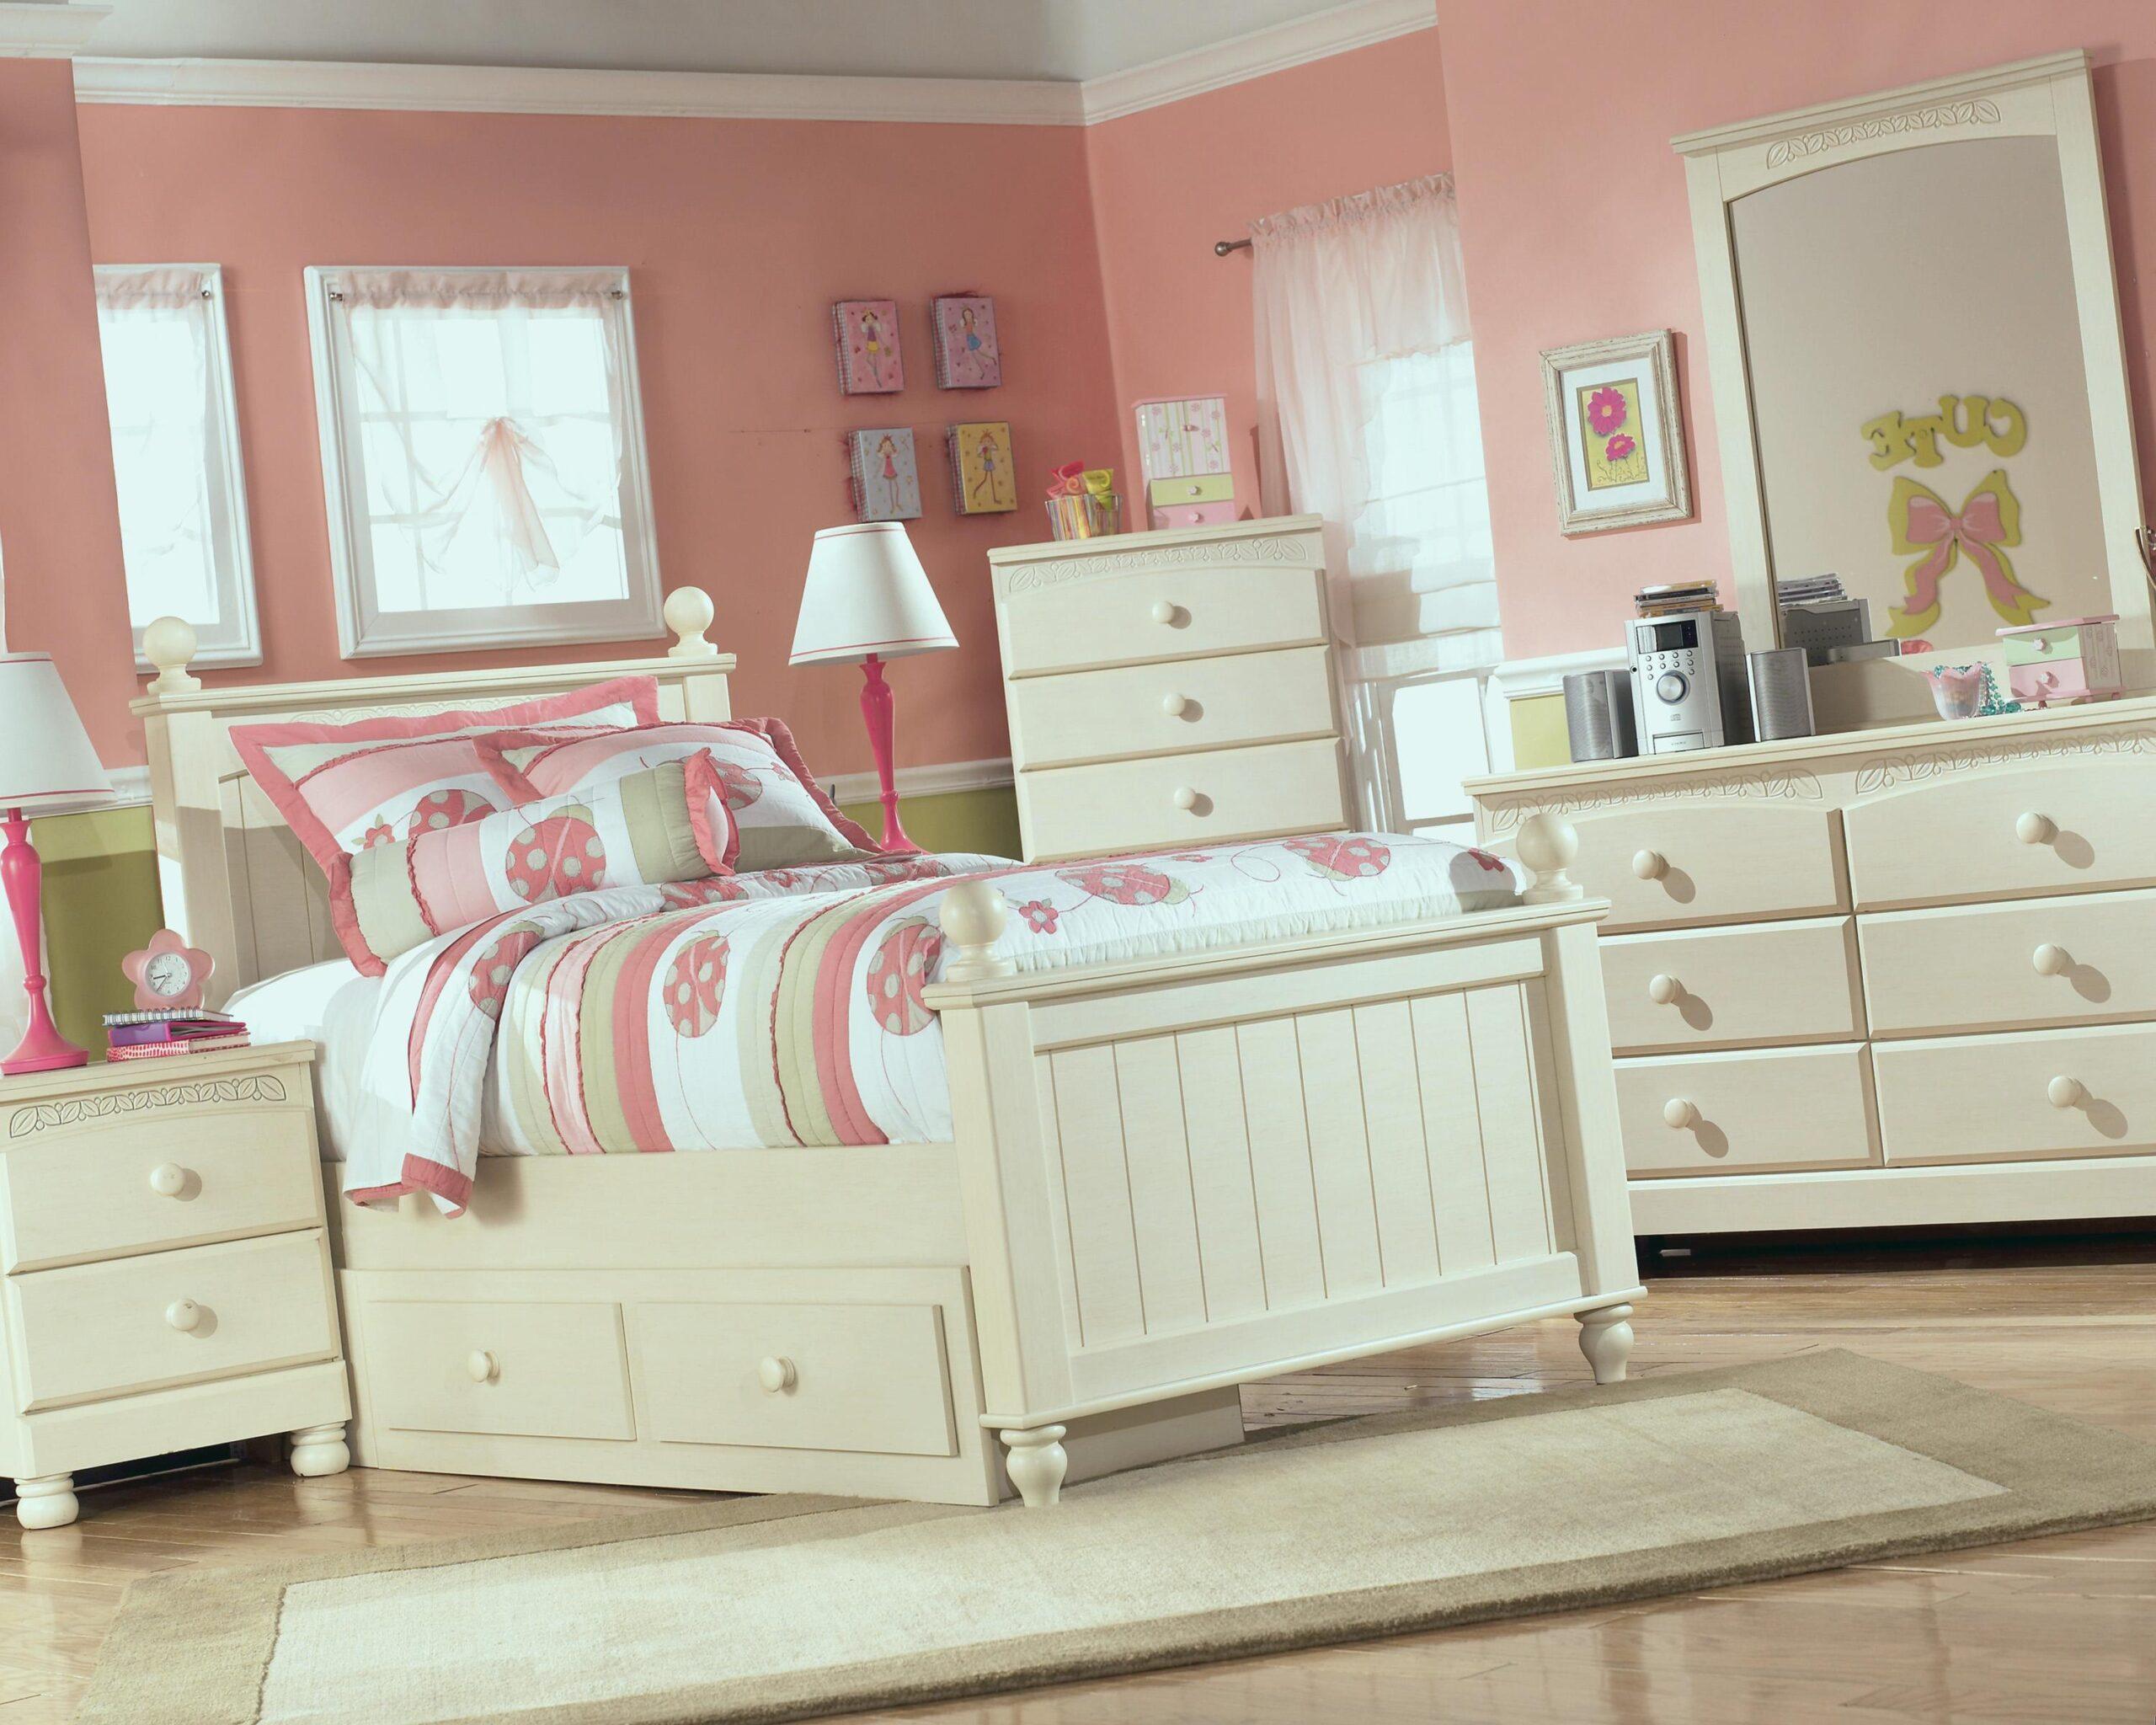 Full Size of Coole Kinderbetten Betten Fur Madchen T Shirt Sprüche T Shirt Wohnzimmer Coole Kinderbetten